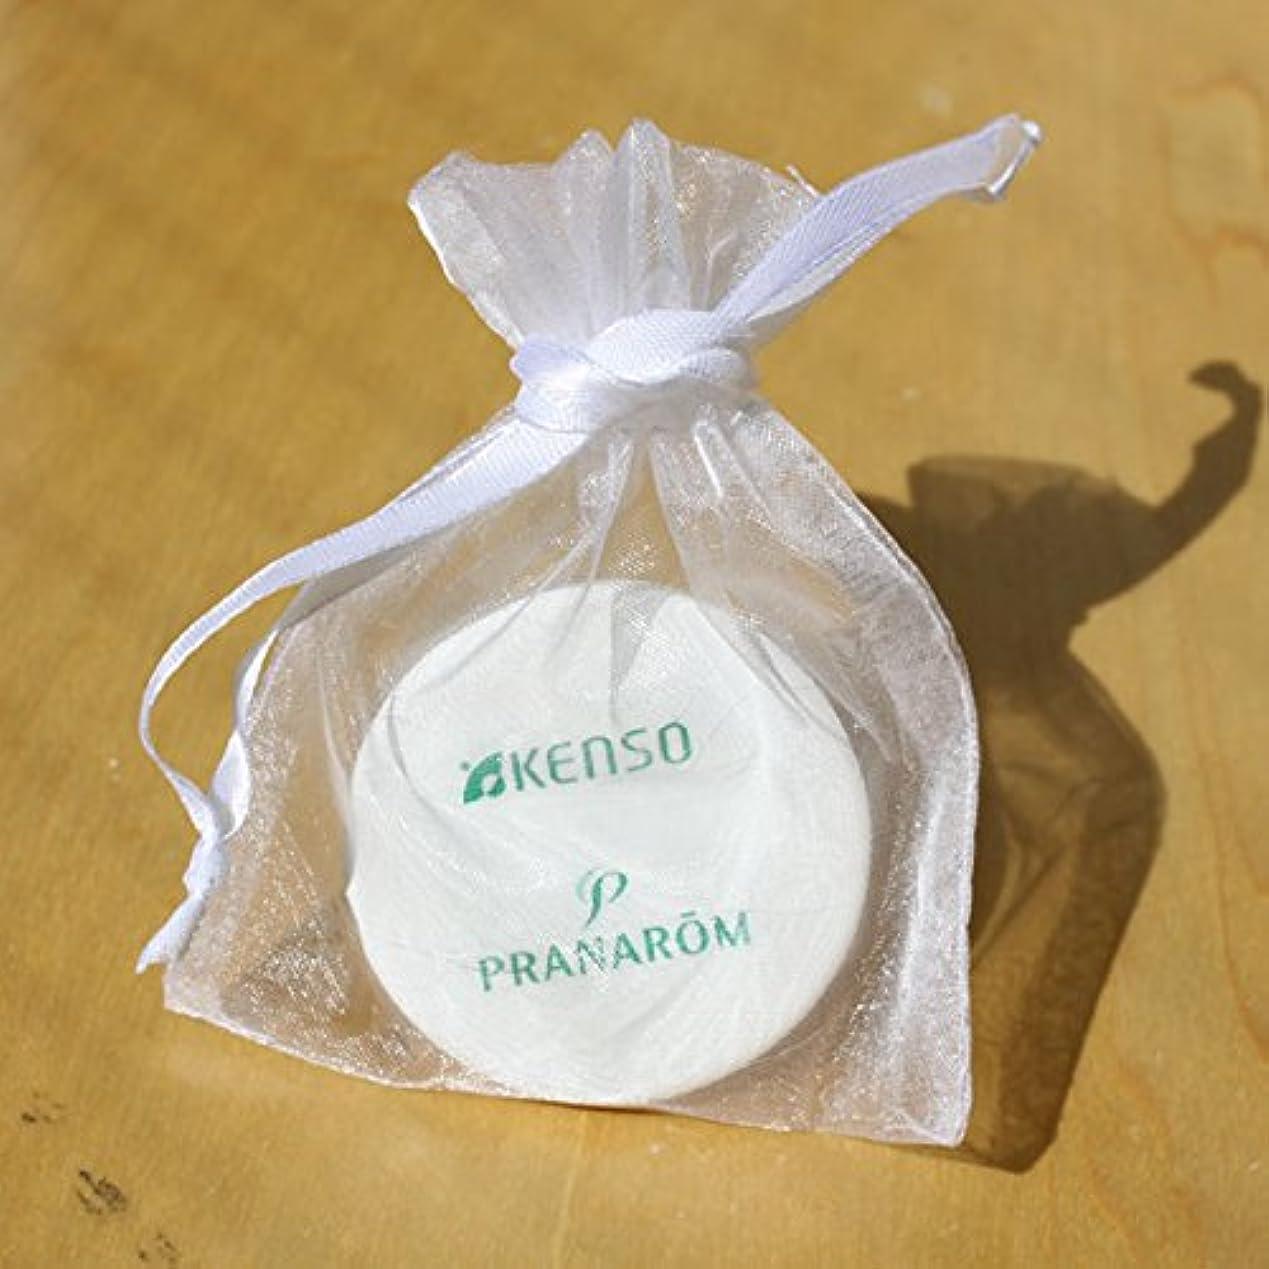 大騒ぎ挨拶するベル健草医学舎 ( KENSO ケンソー ) アロマストーン ( 携帯用小袋付ディフューザー ) 02281 アロマストーンディフューザー